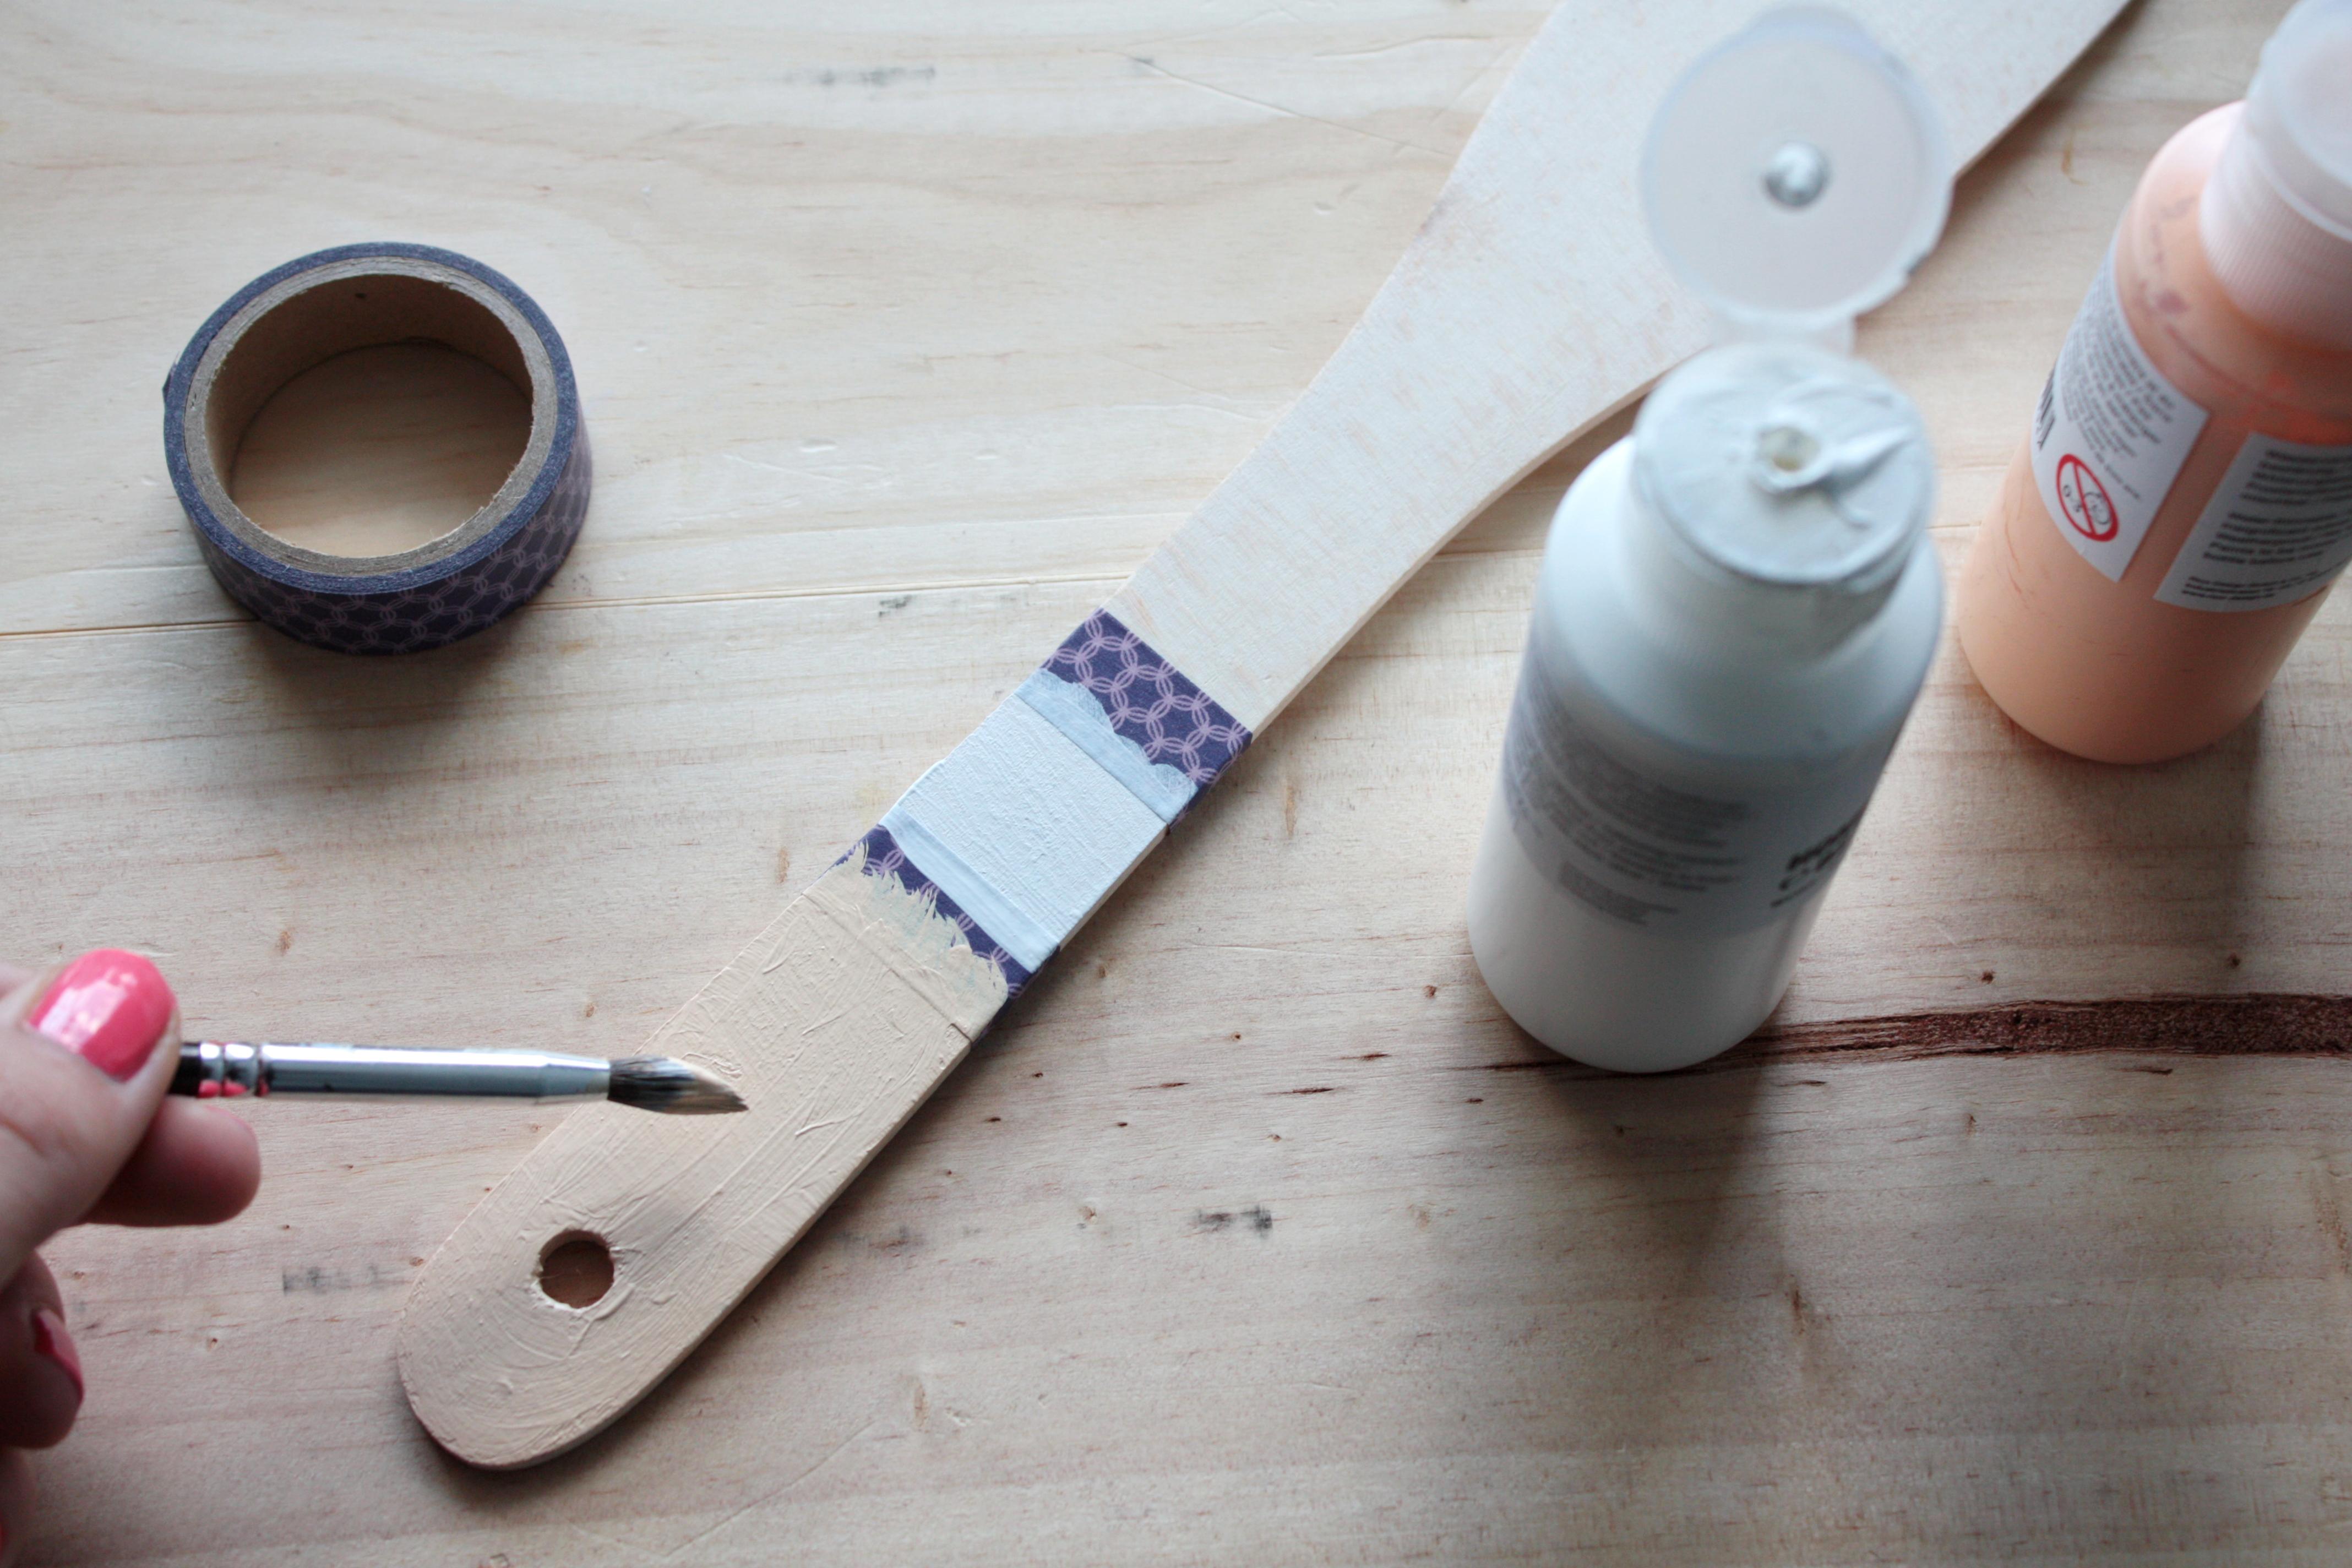 gutscheine verpacken gutschein f r einen kochkurs selbst gestalten rosy grey diy blog. Black Bedroom Furniture Sets. Home Design Ideas